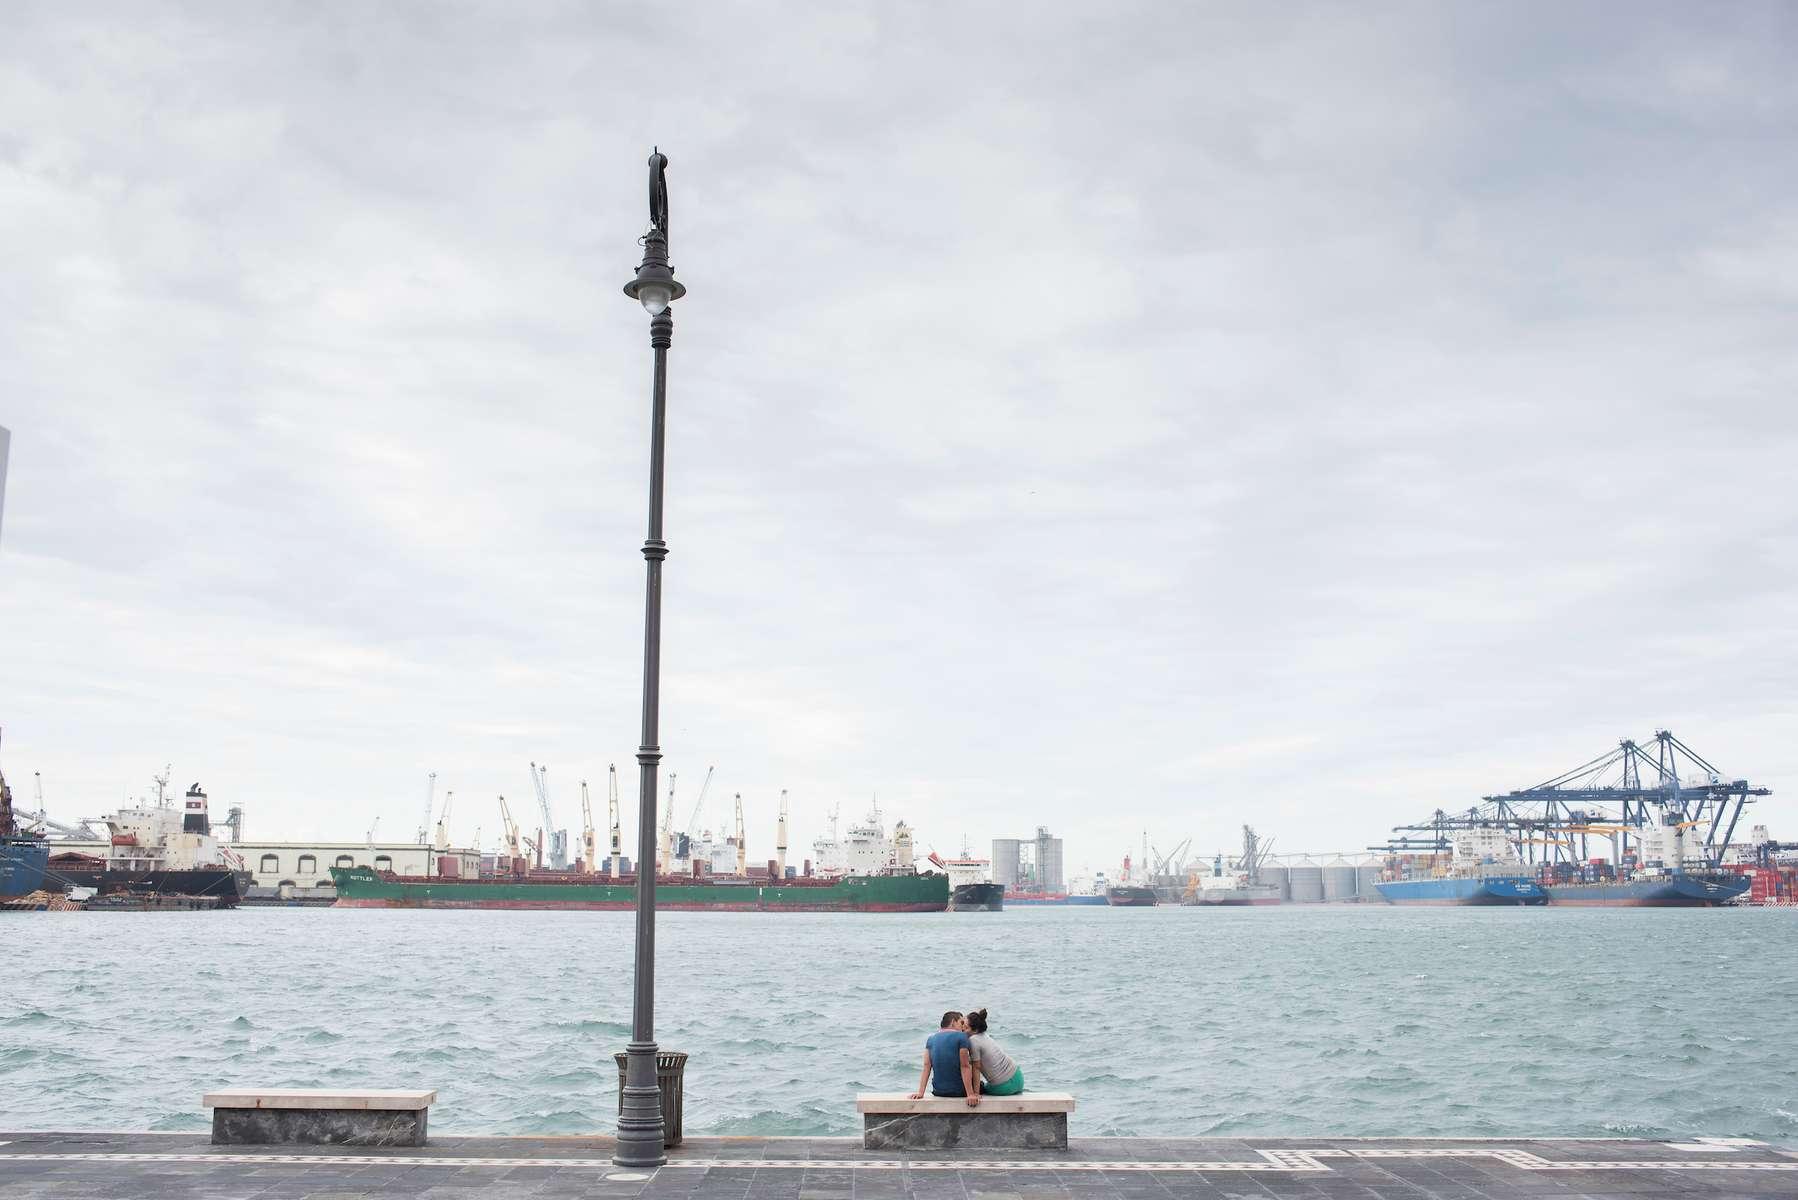 Couple sitting on the water´s edge. Port city of Veracruz. Puerto de Veracruz, Mexico